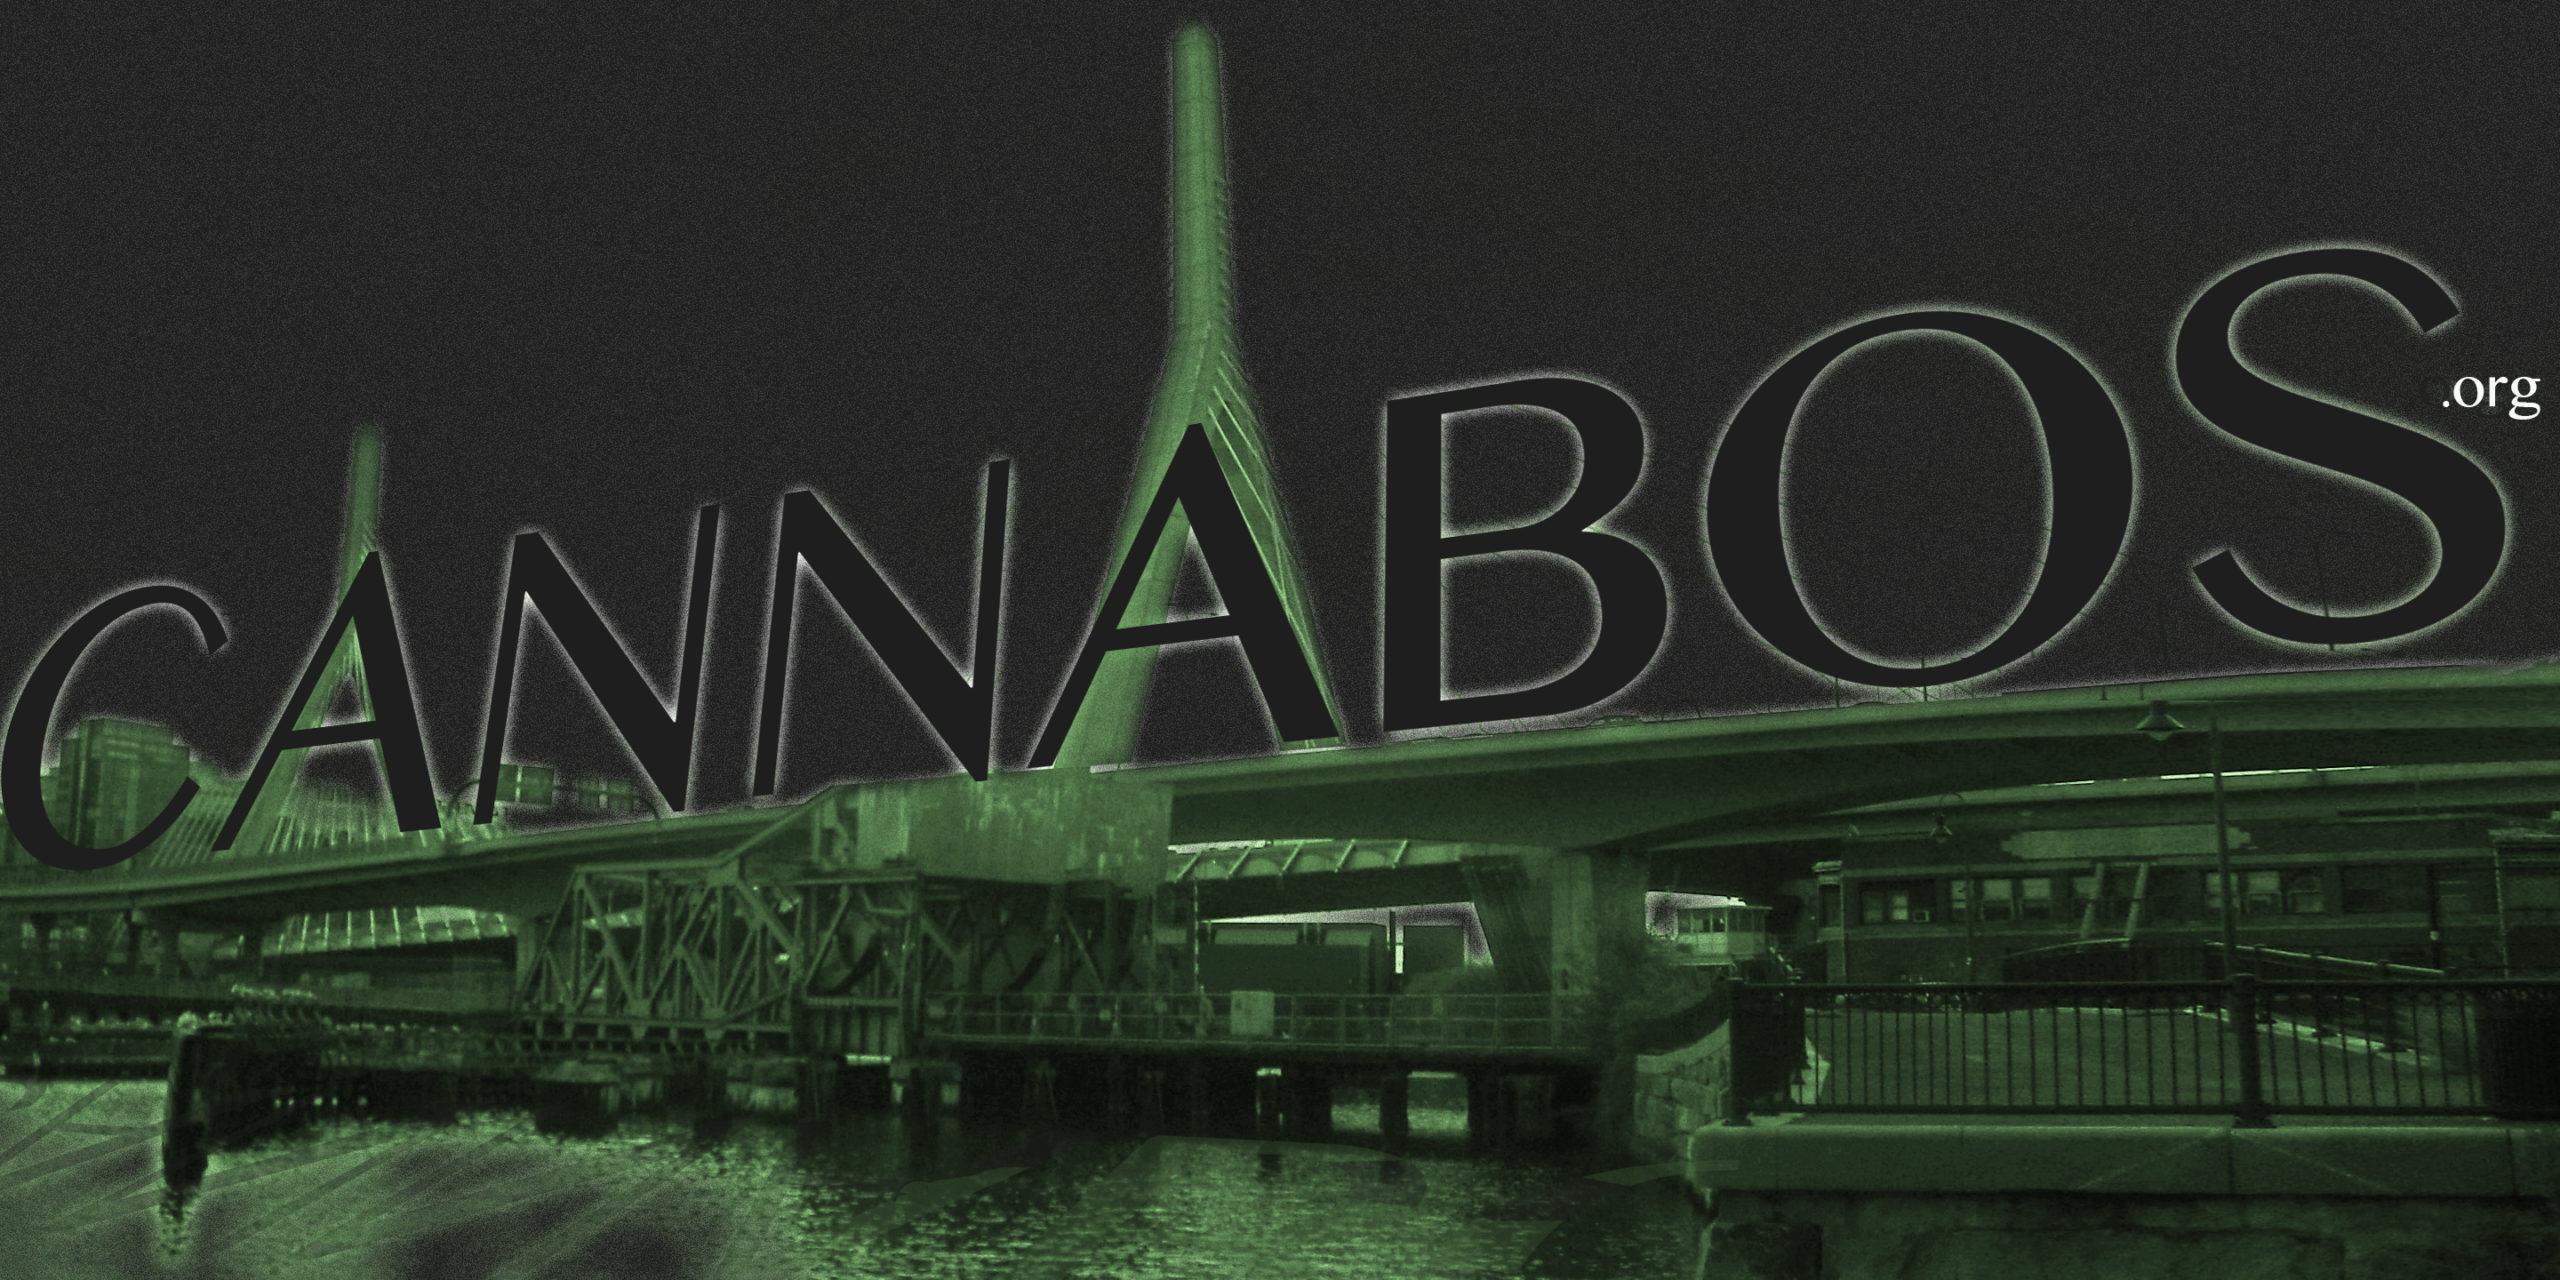 CANNABOS.org